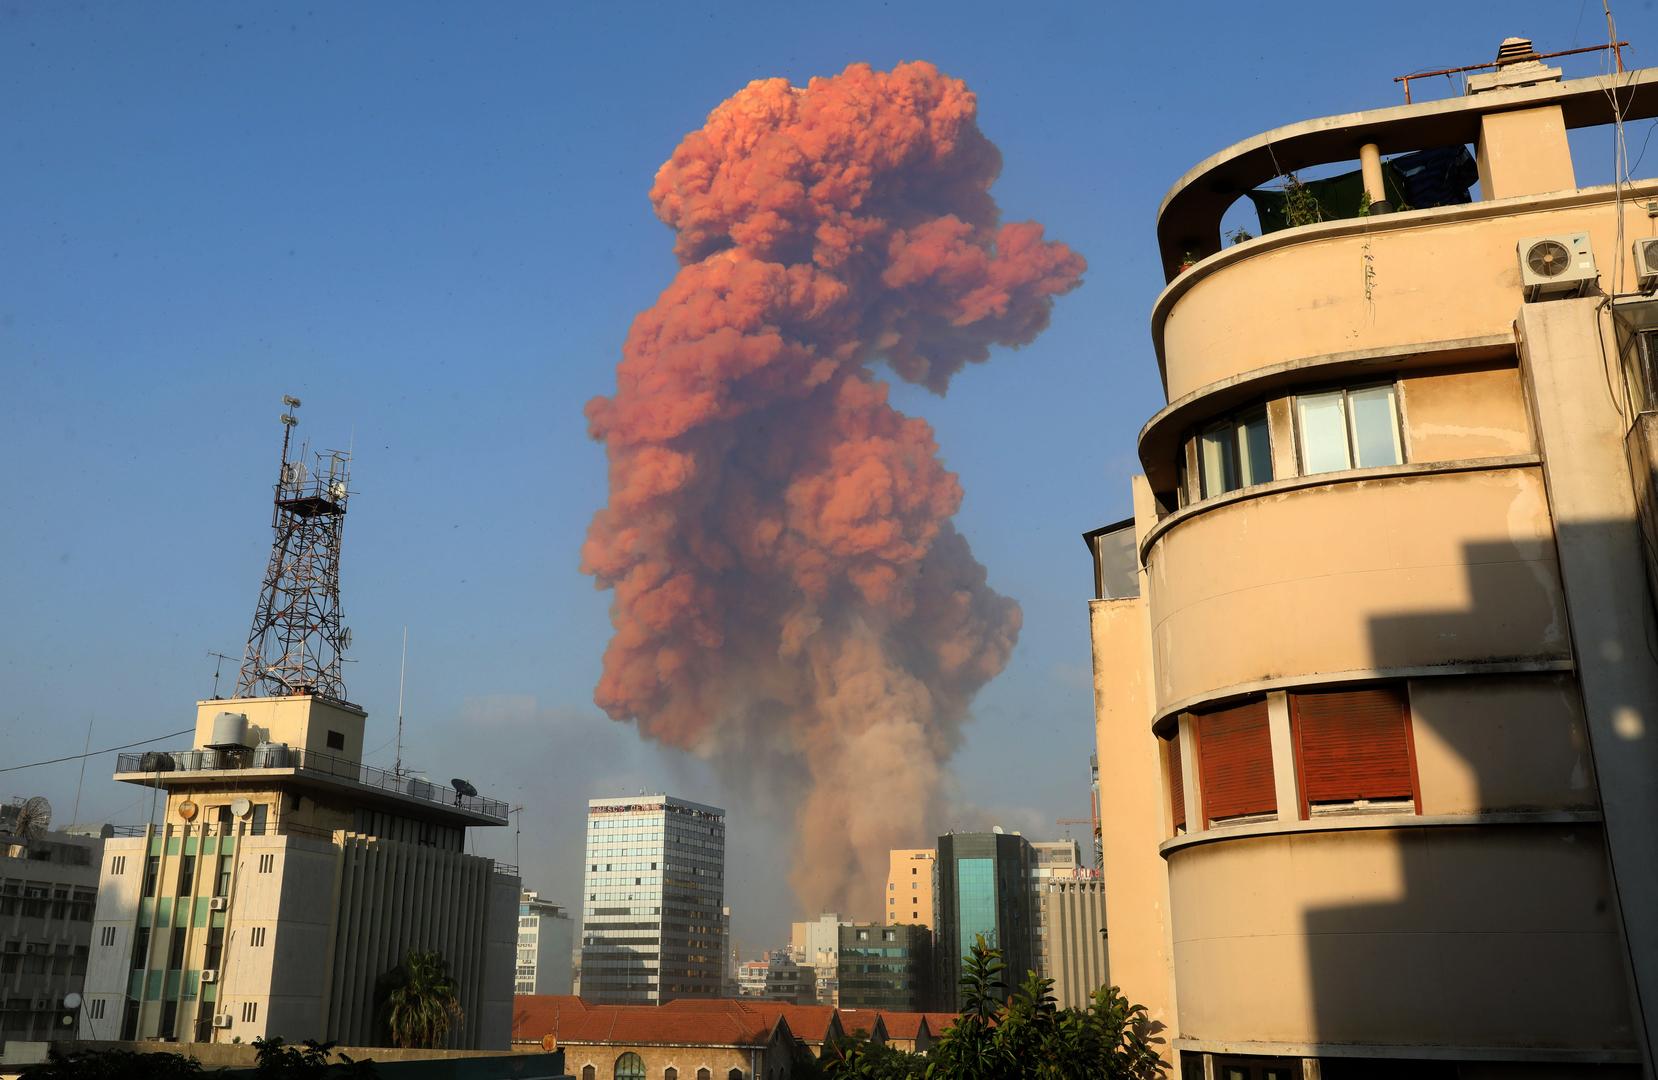 Eine große Explosion erschütterte die libanesische Hauptstadt Beirut. 4. August 2020